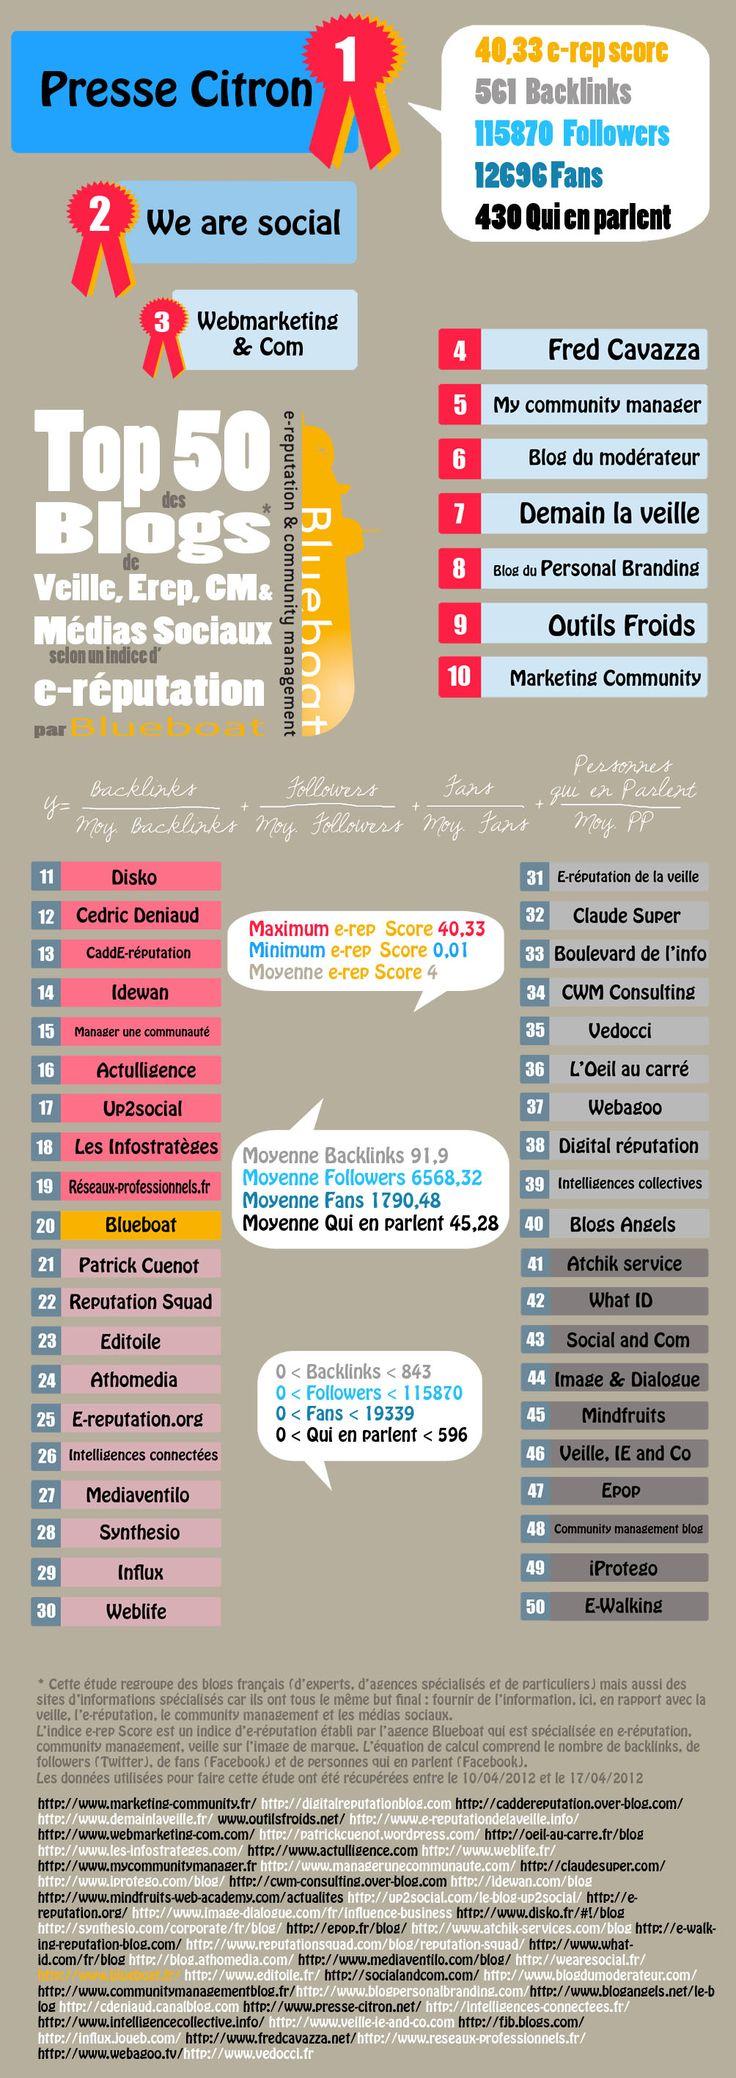 Top 50 des blogs de SMO selon leur e-réputation By Blueboat : Iprotego en 49eme position !